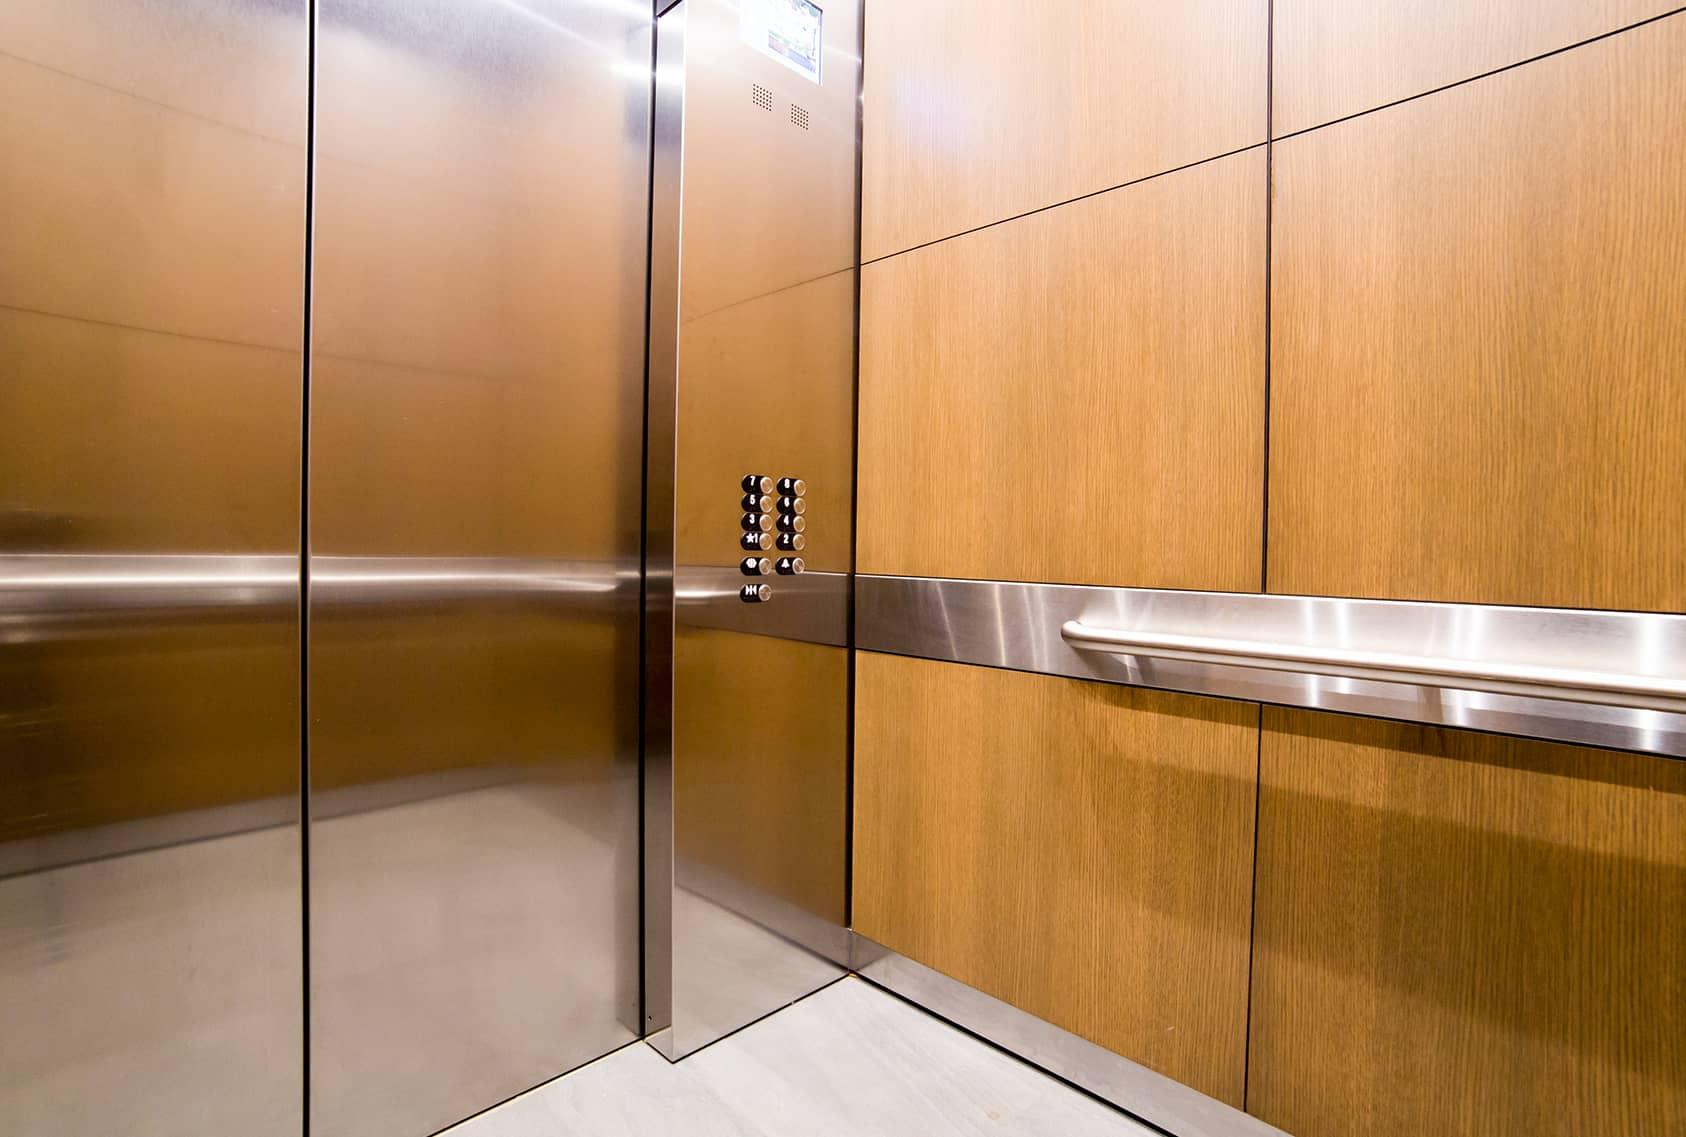 Stainless Steel Elevators : Hyatt hotel g r custom elevator cabs